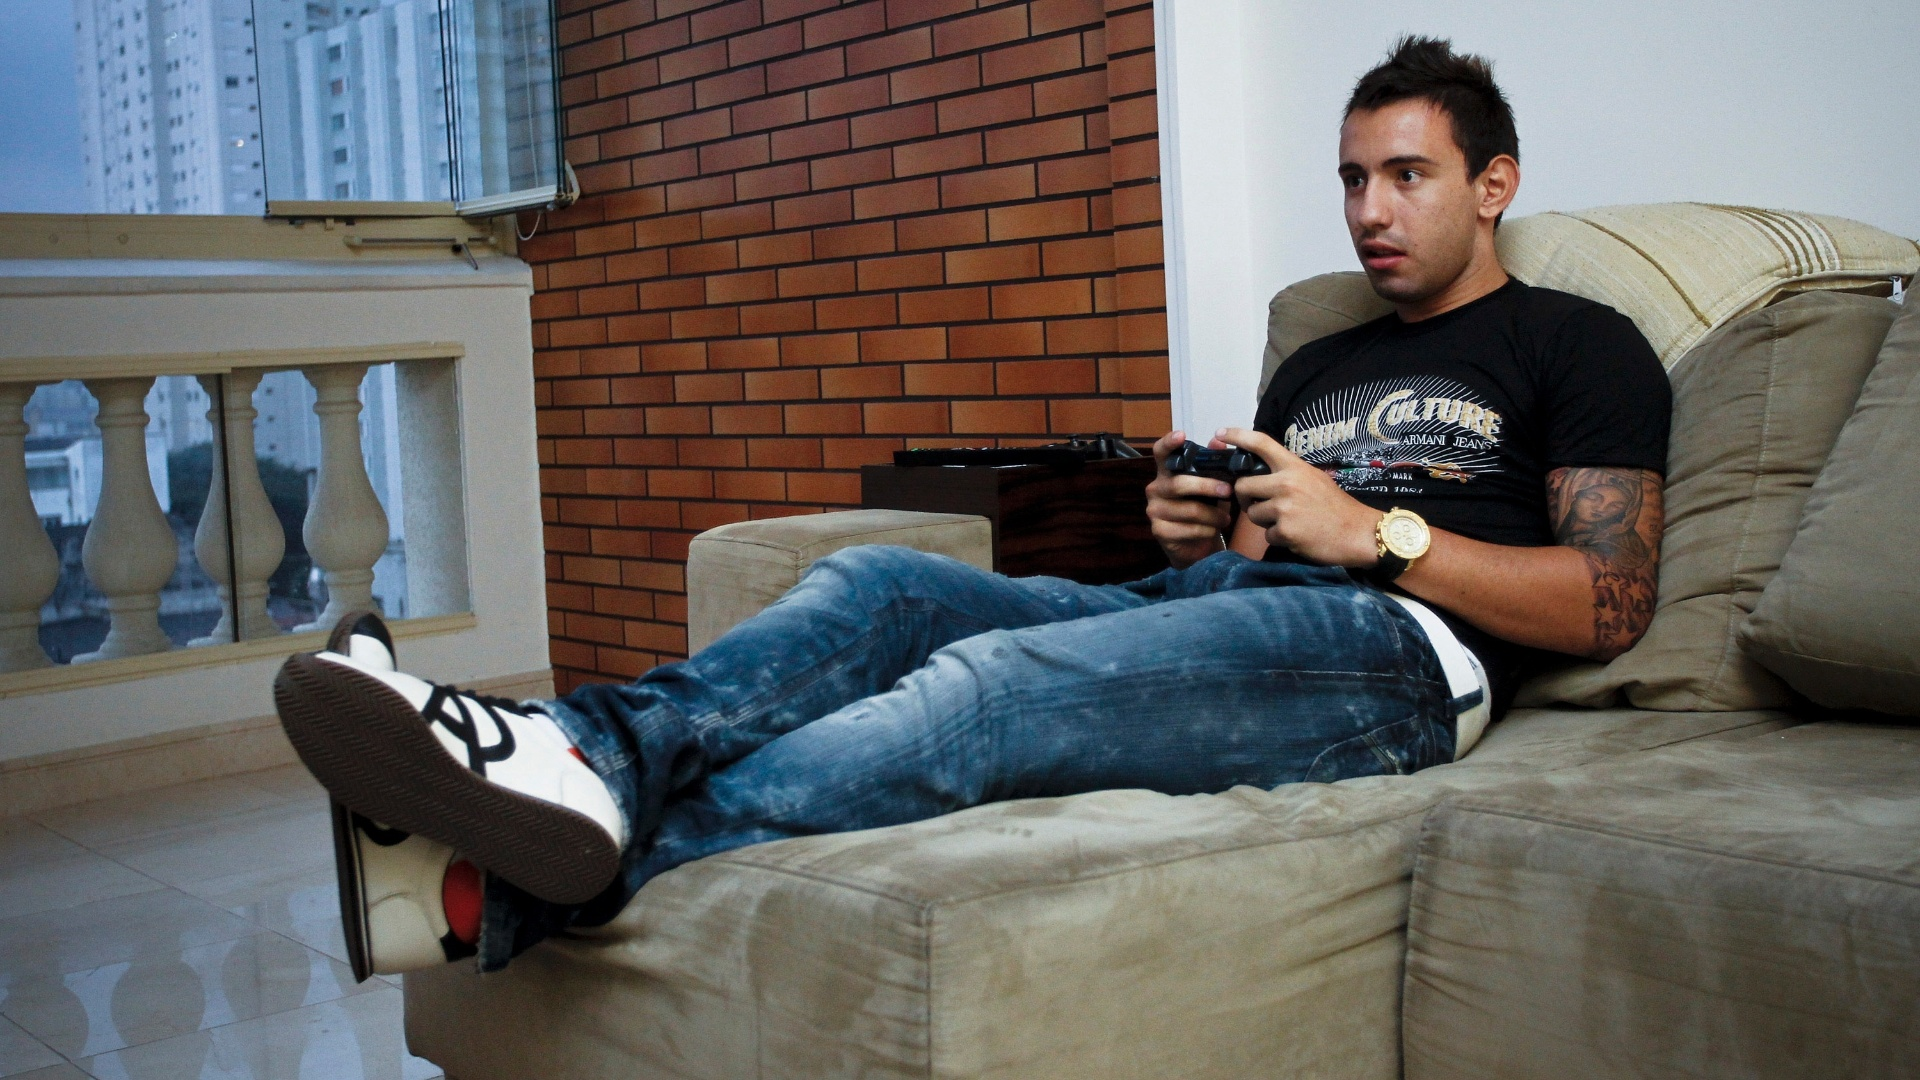 Cañete joga videogame em sua casa em São Paulo